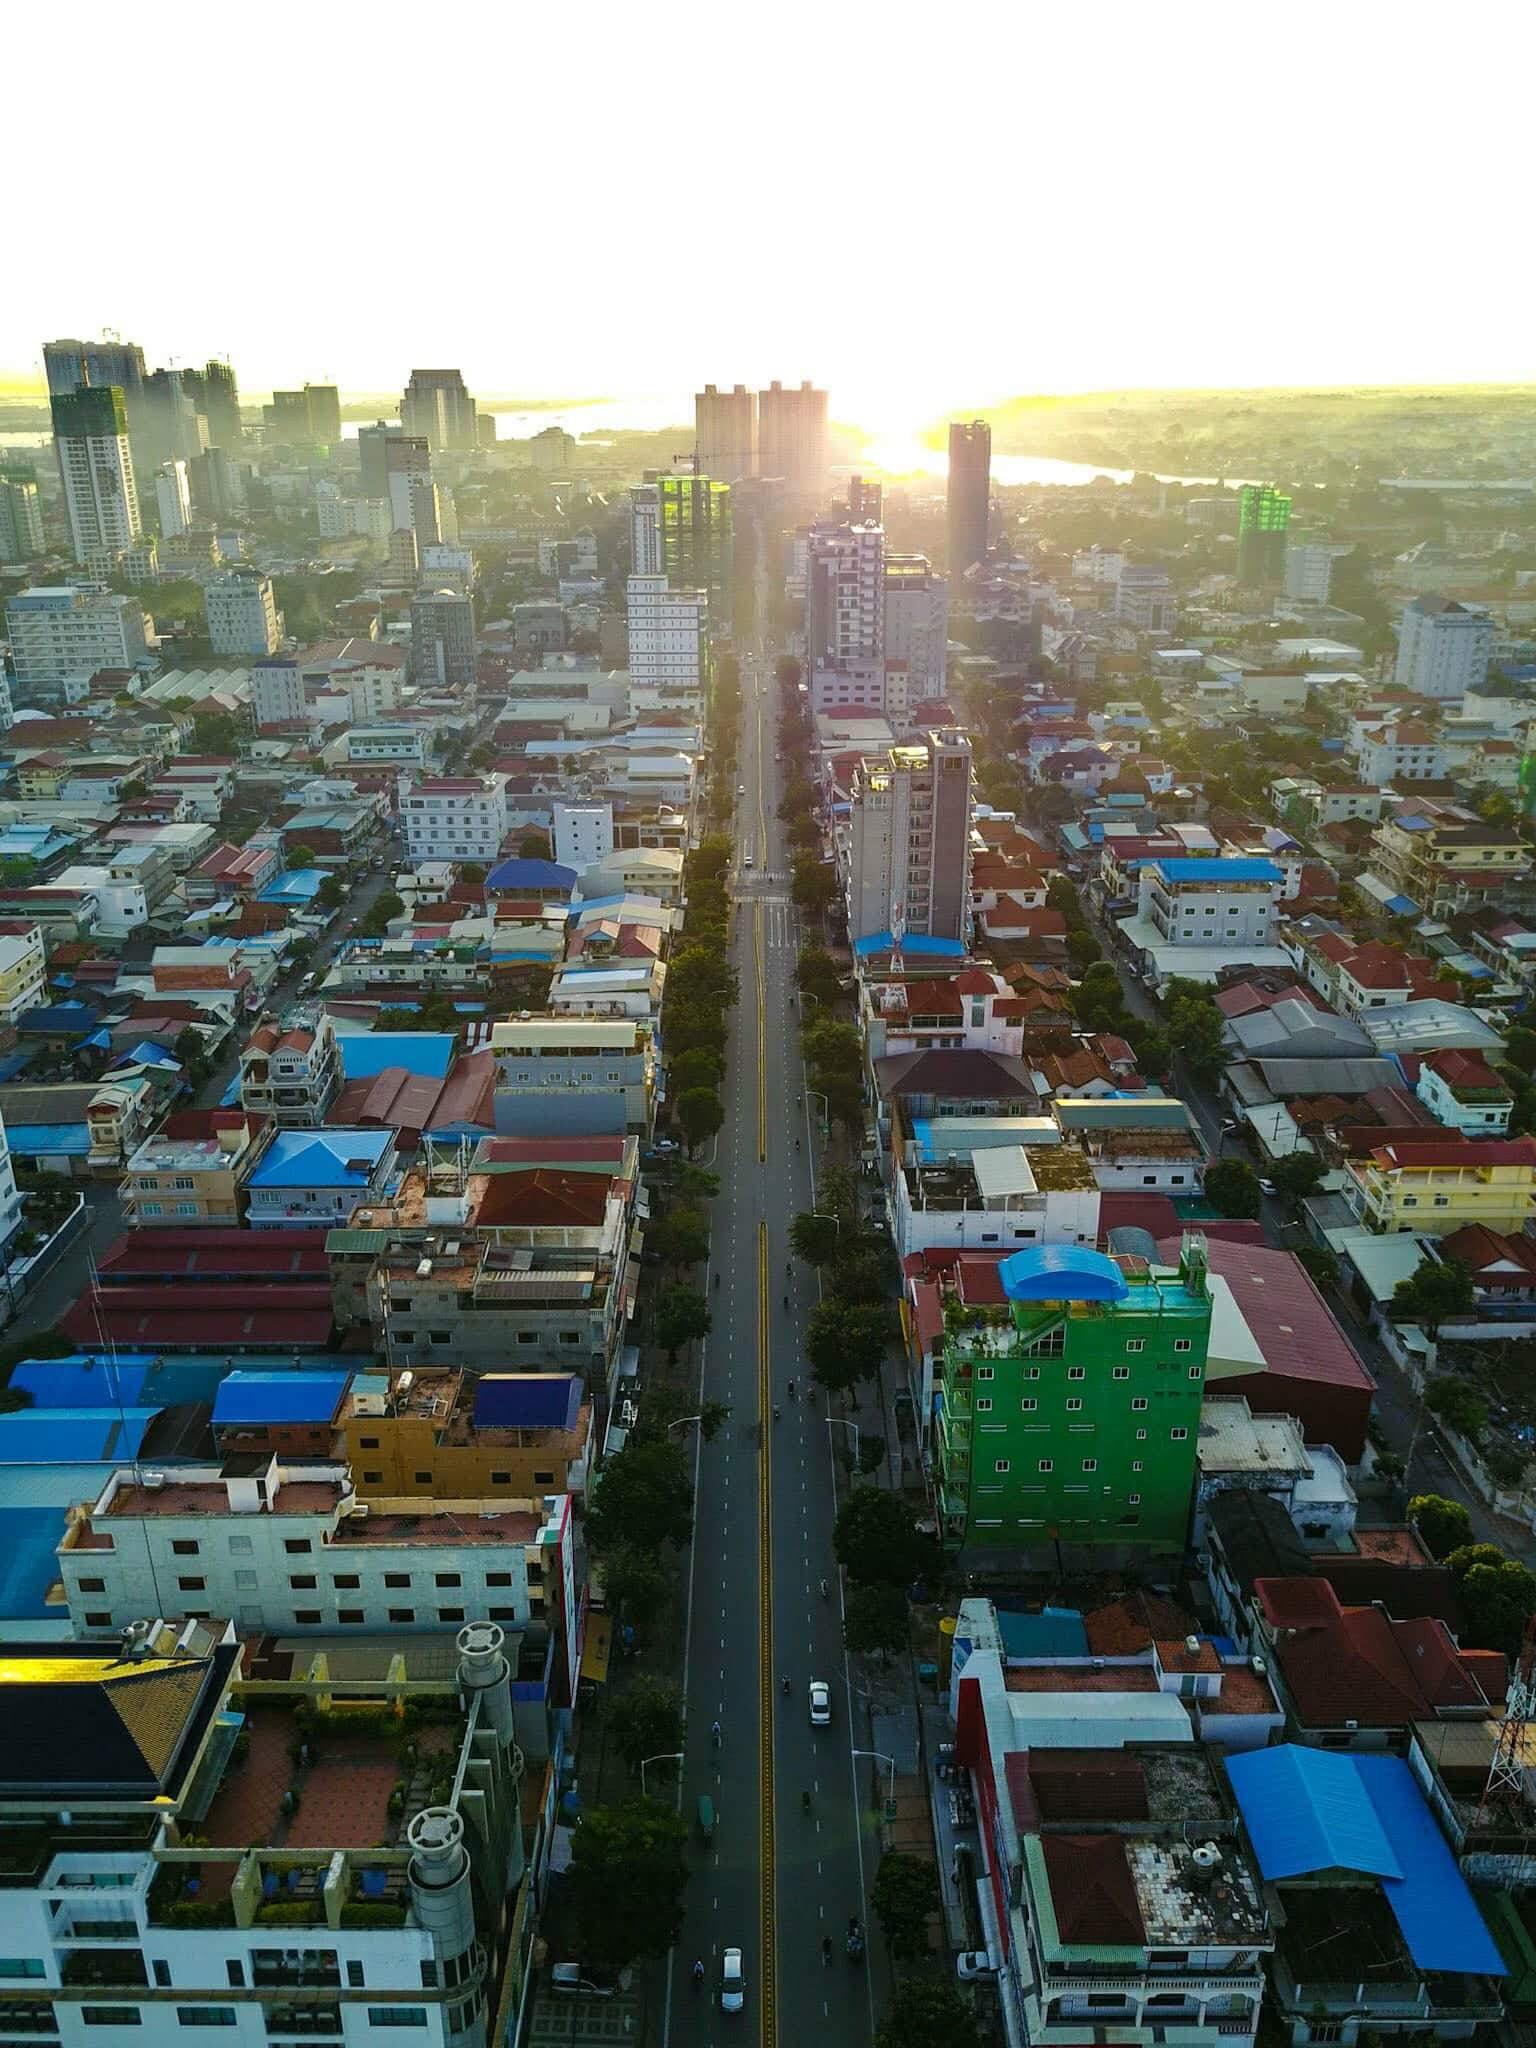 Phnom Penh, Cambodia | Photographed by Zachary Habayeb